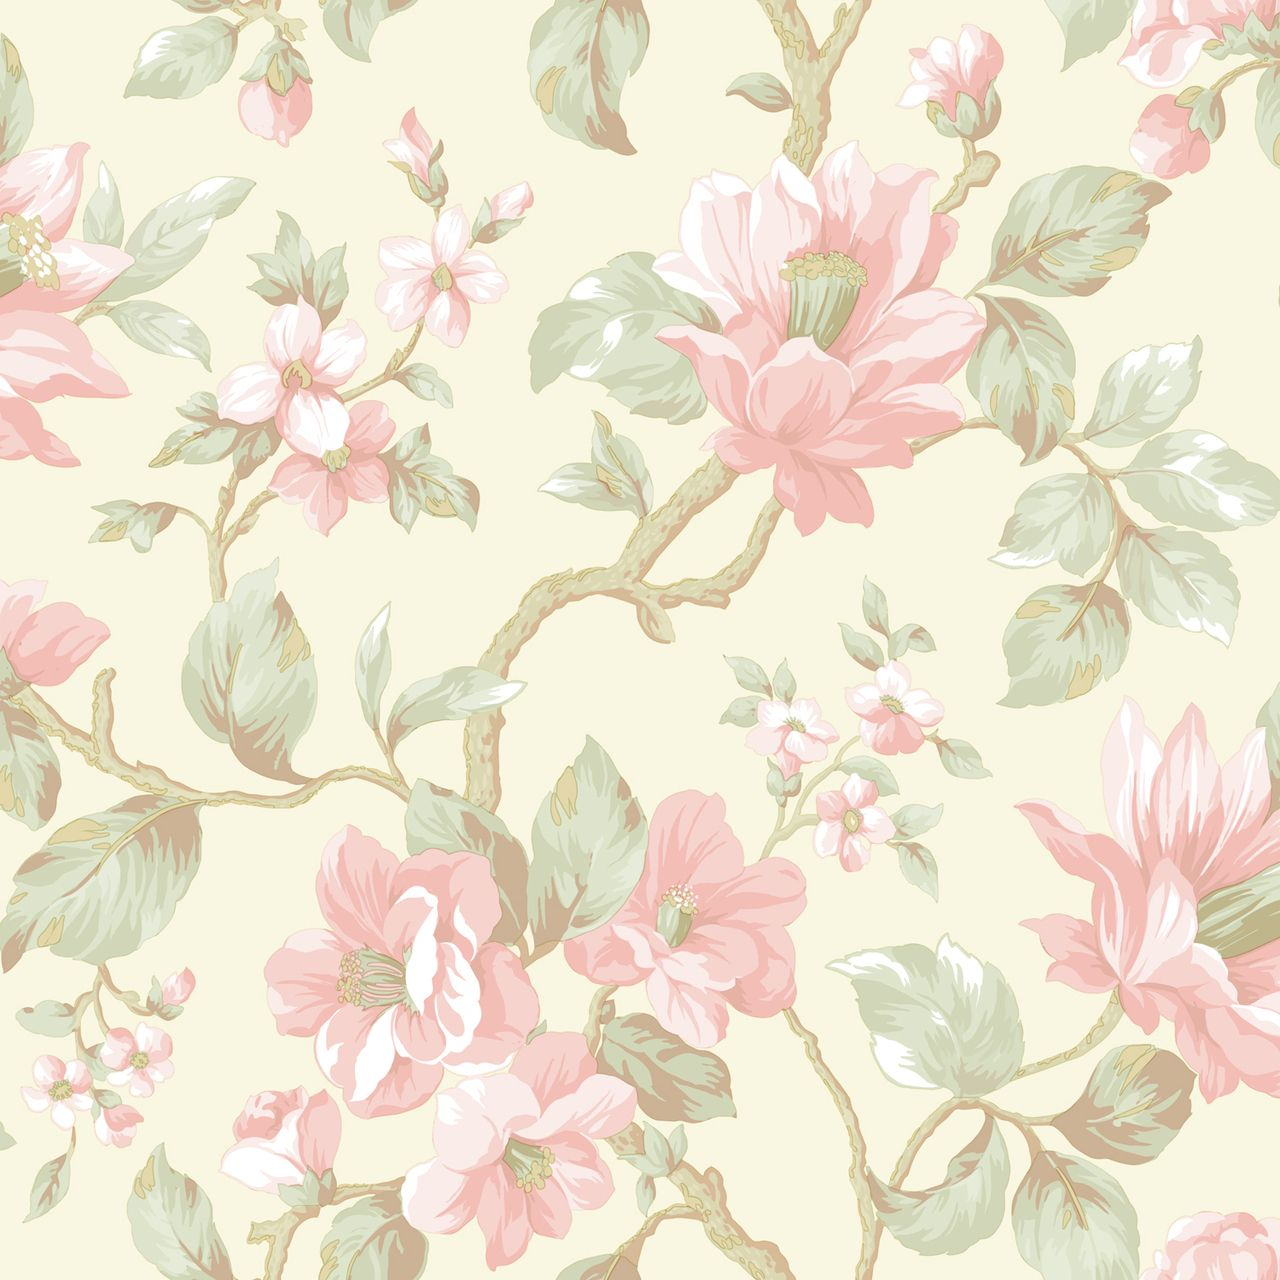 AL13721 Berkin Olive Large Floral Vine Wallpaper Pearl